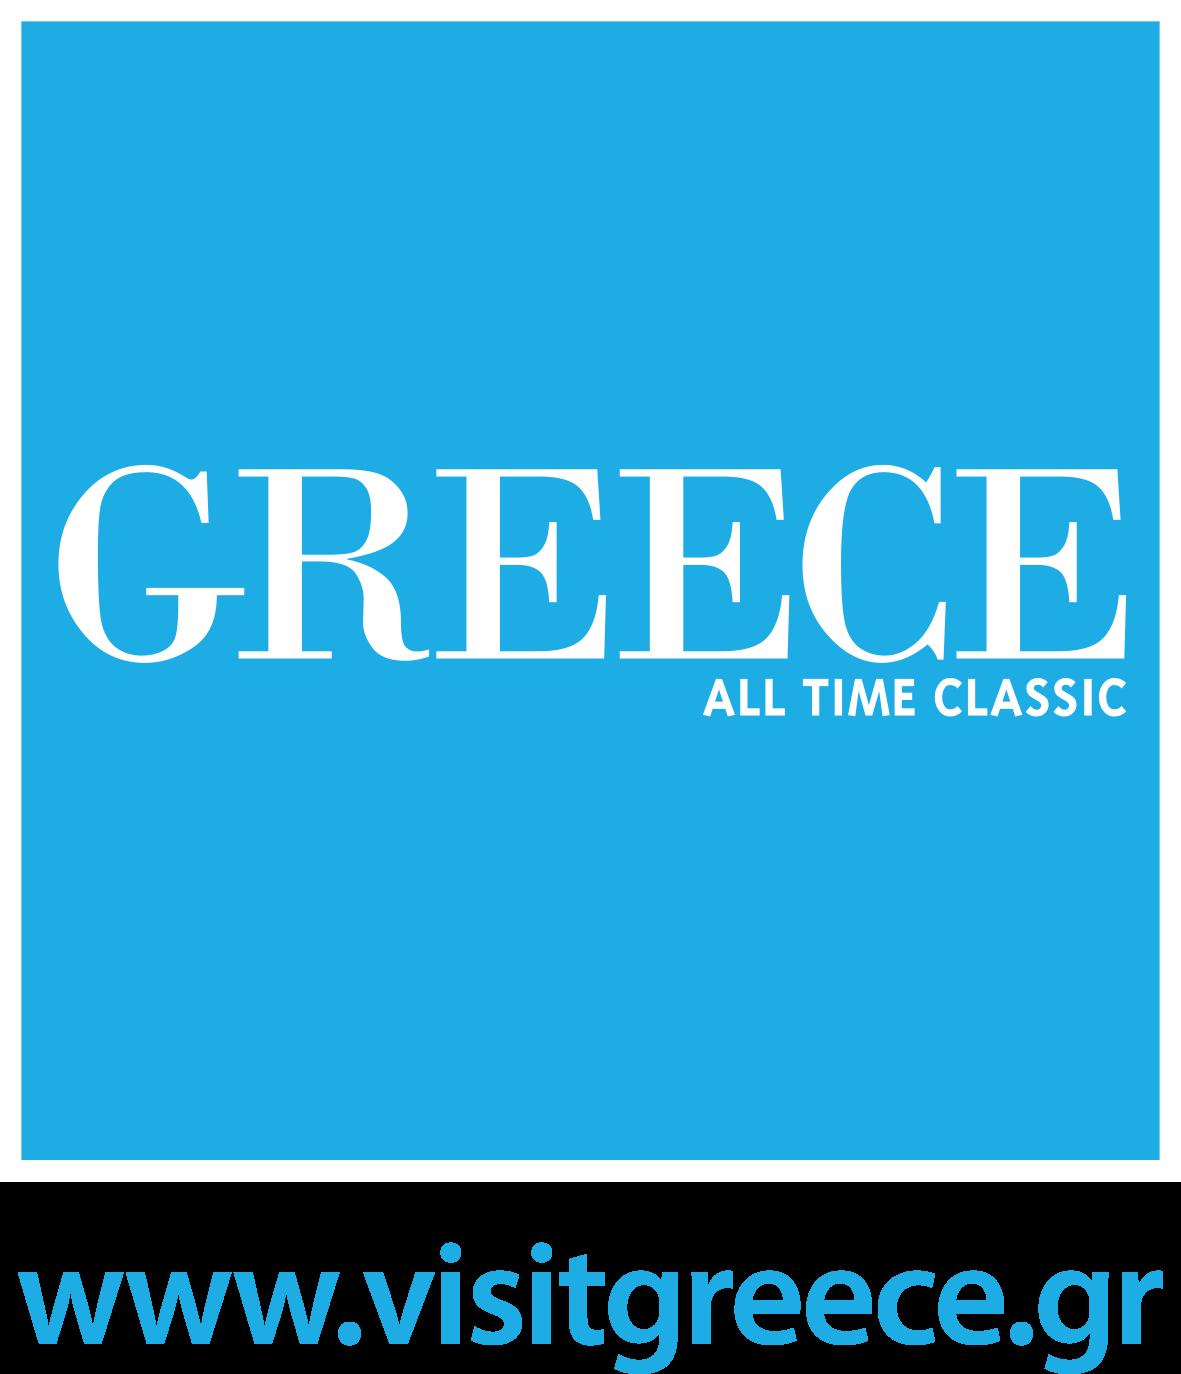 newlogo_visitgreece